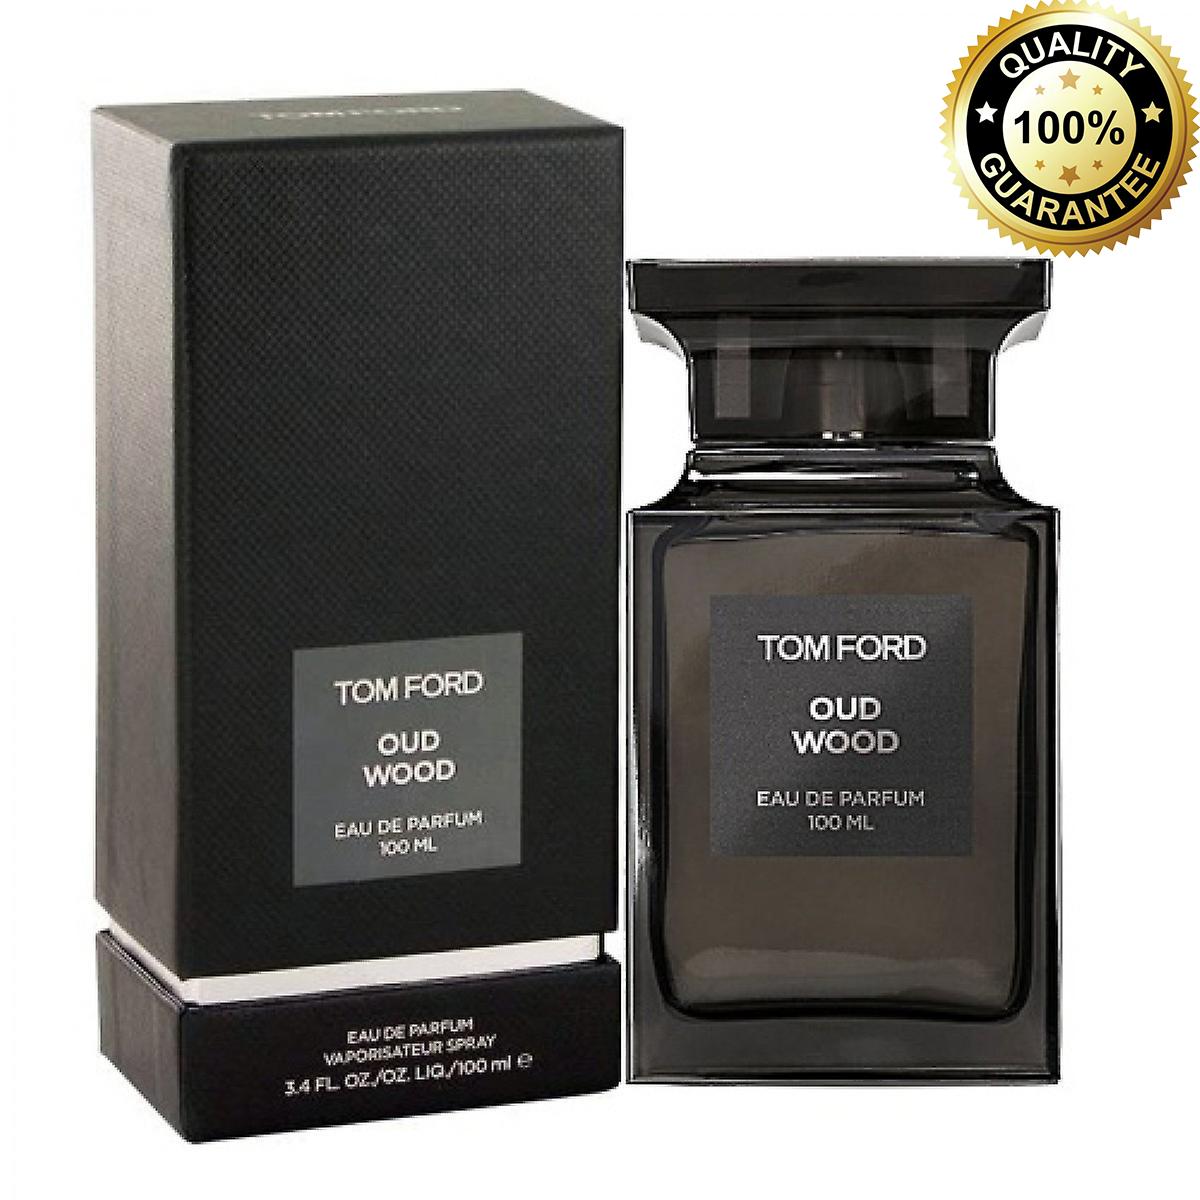 Oud Wood - Eau de Parfum de TOM FORD 100ml